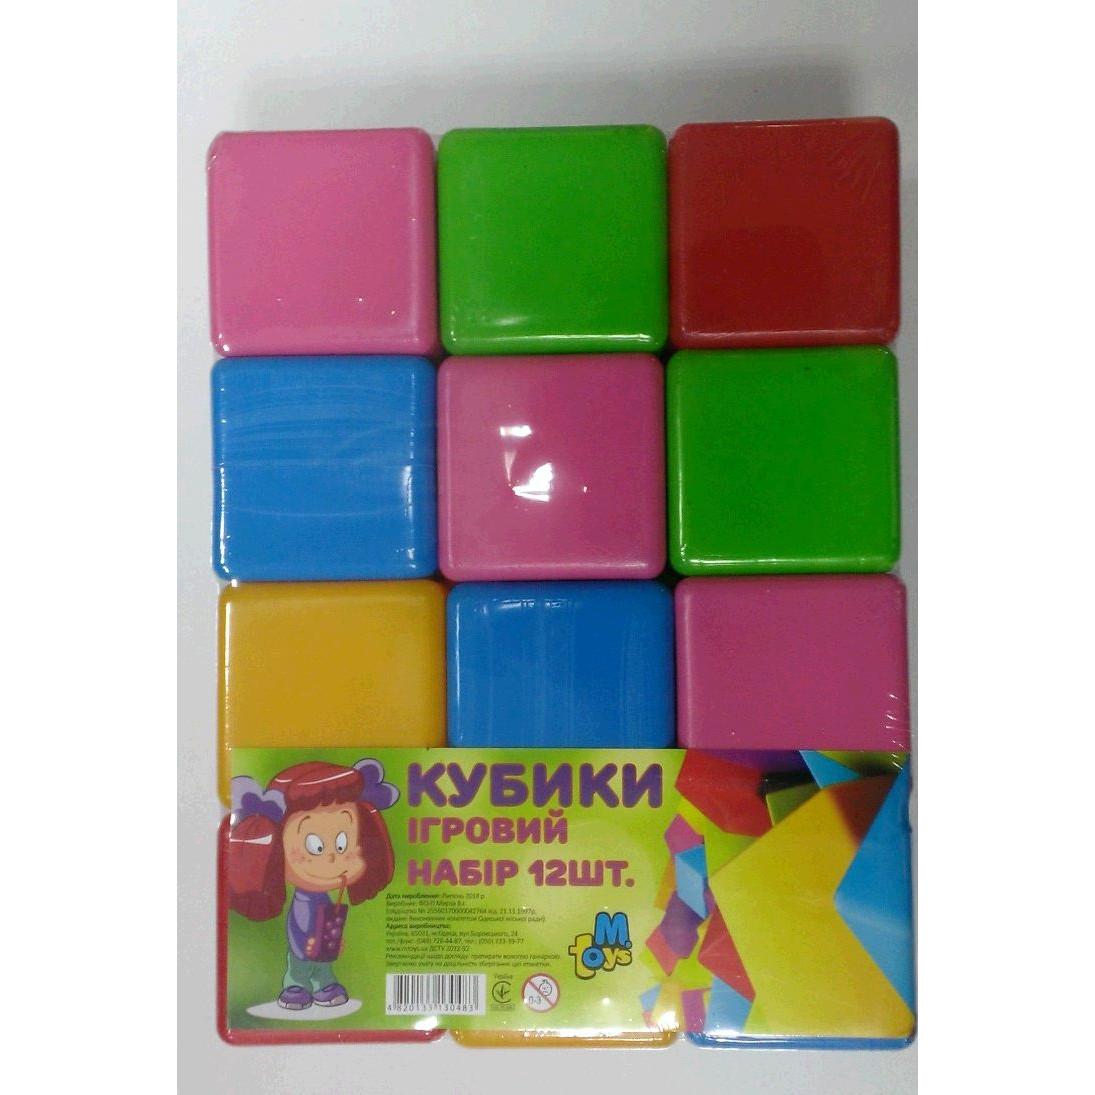 Купить Пластмассовые кубики Mtoys 12 шт., Развивающие кубики